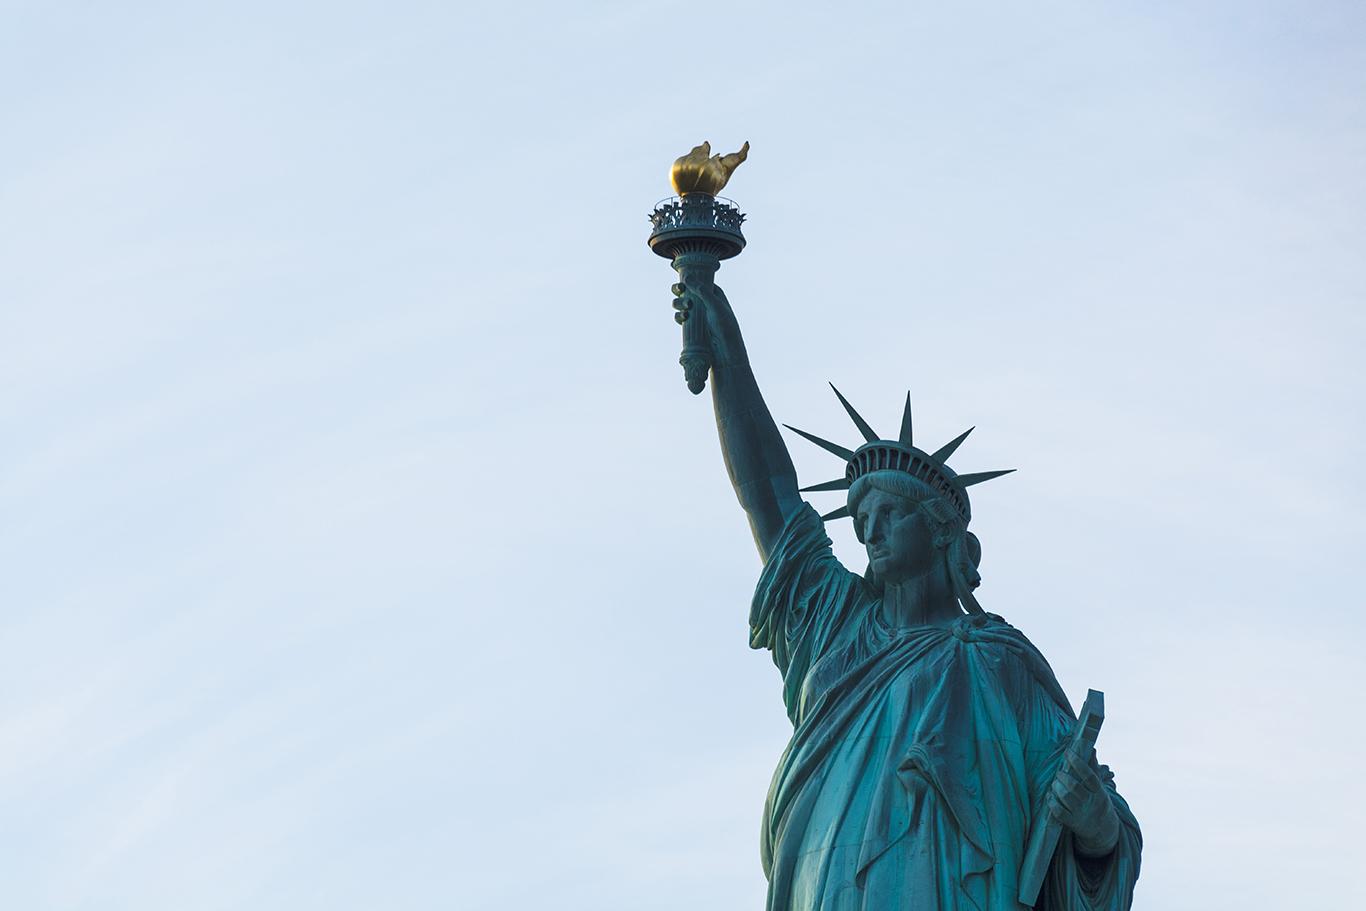 ブロンクスの動物園や治安について!その他おすすめのスポットもご紹介!